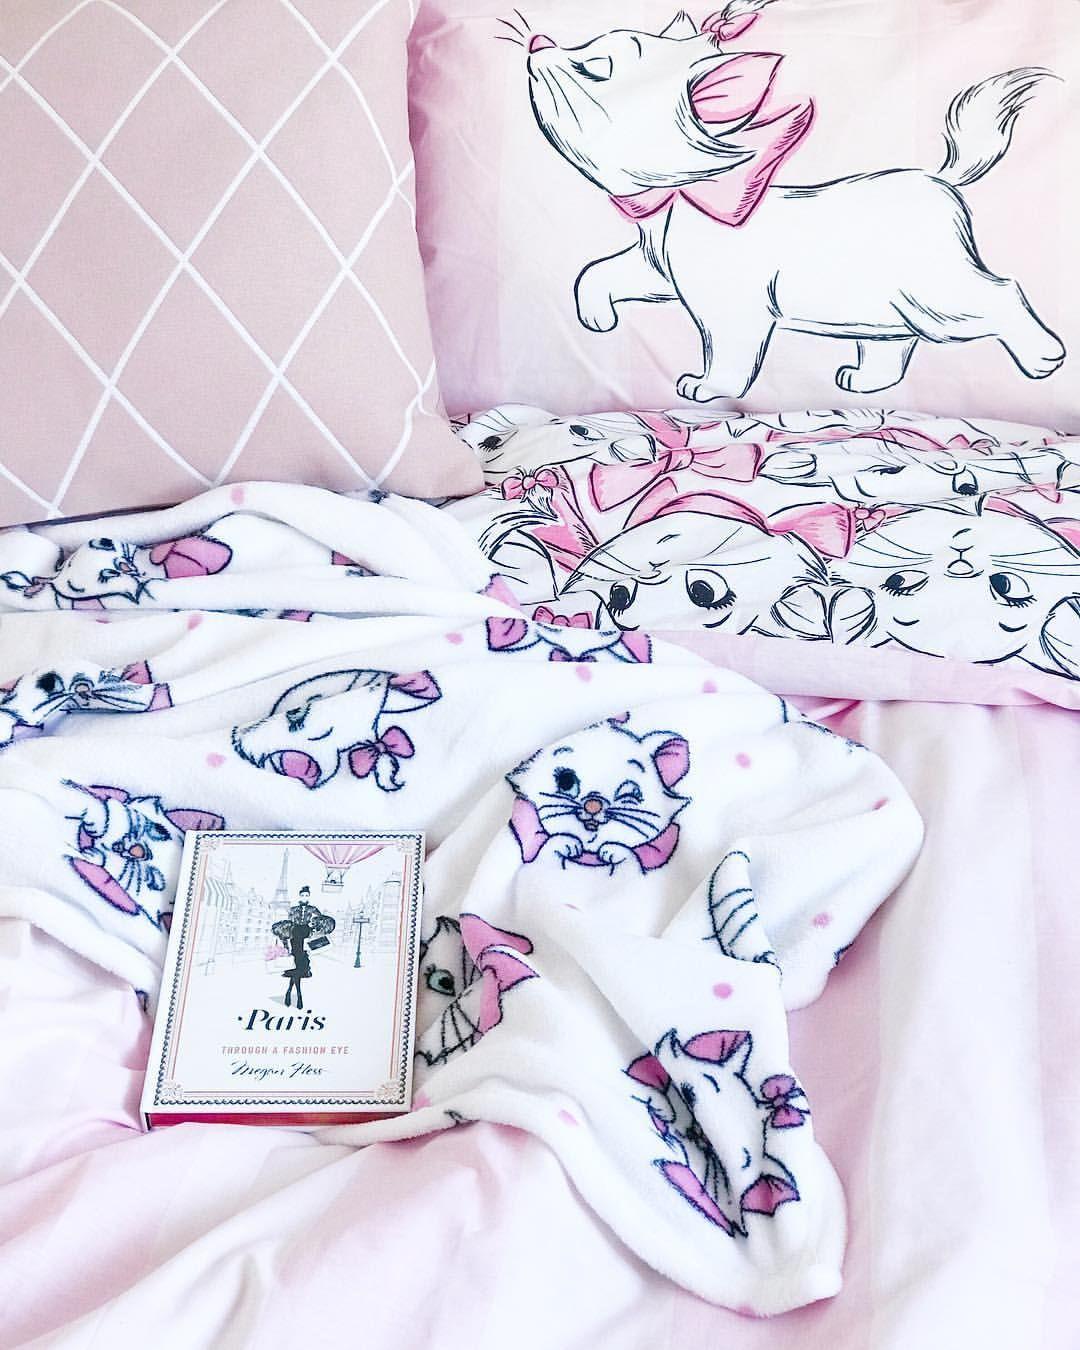 Disney Plaque en forme de c/œur A little princess sleeps here Cadeau pour b/éb/é fille